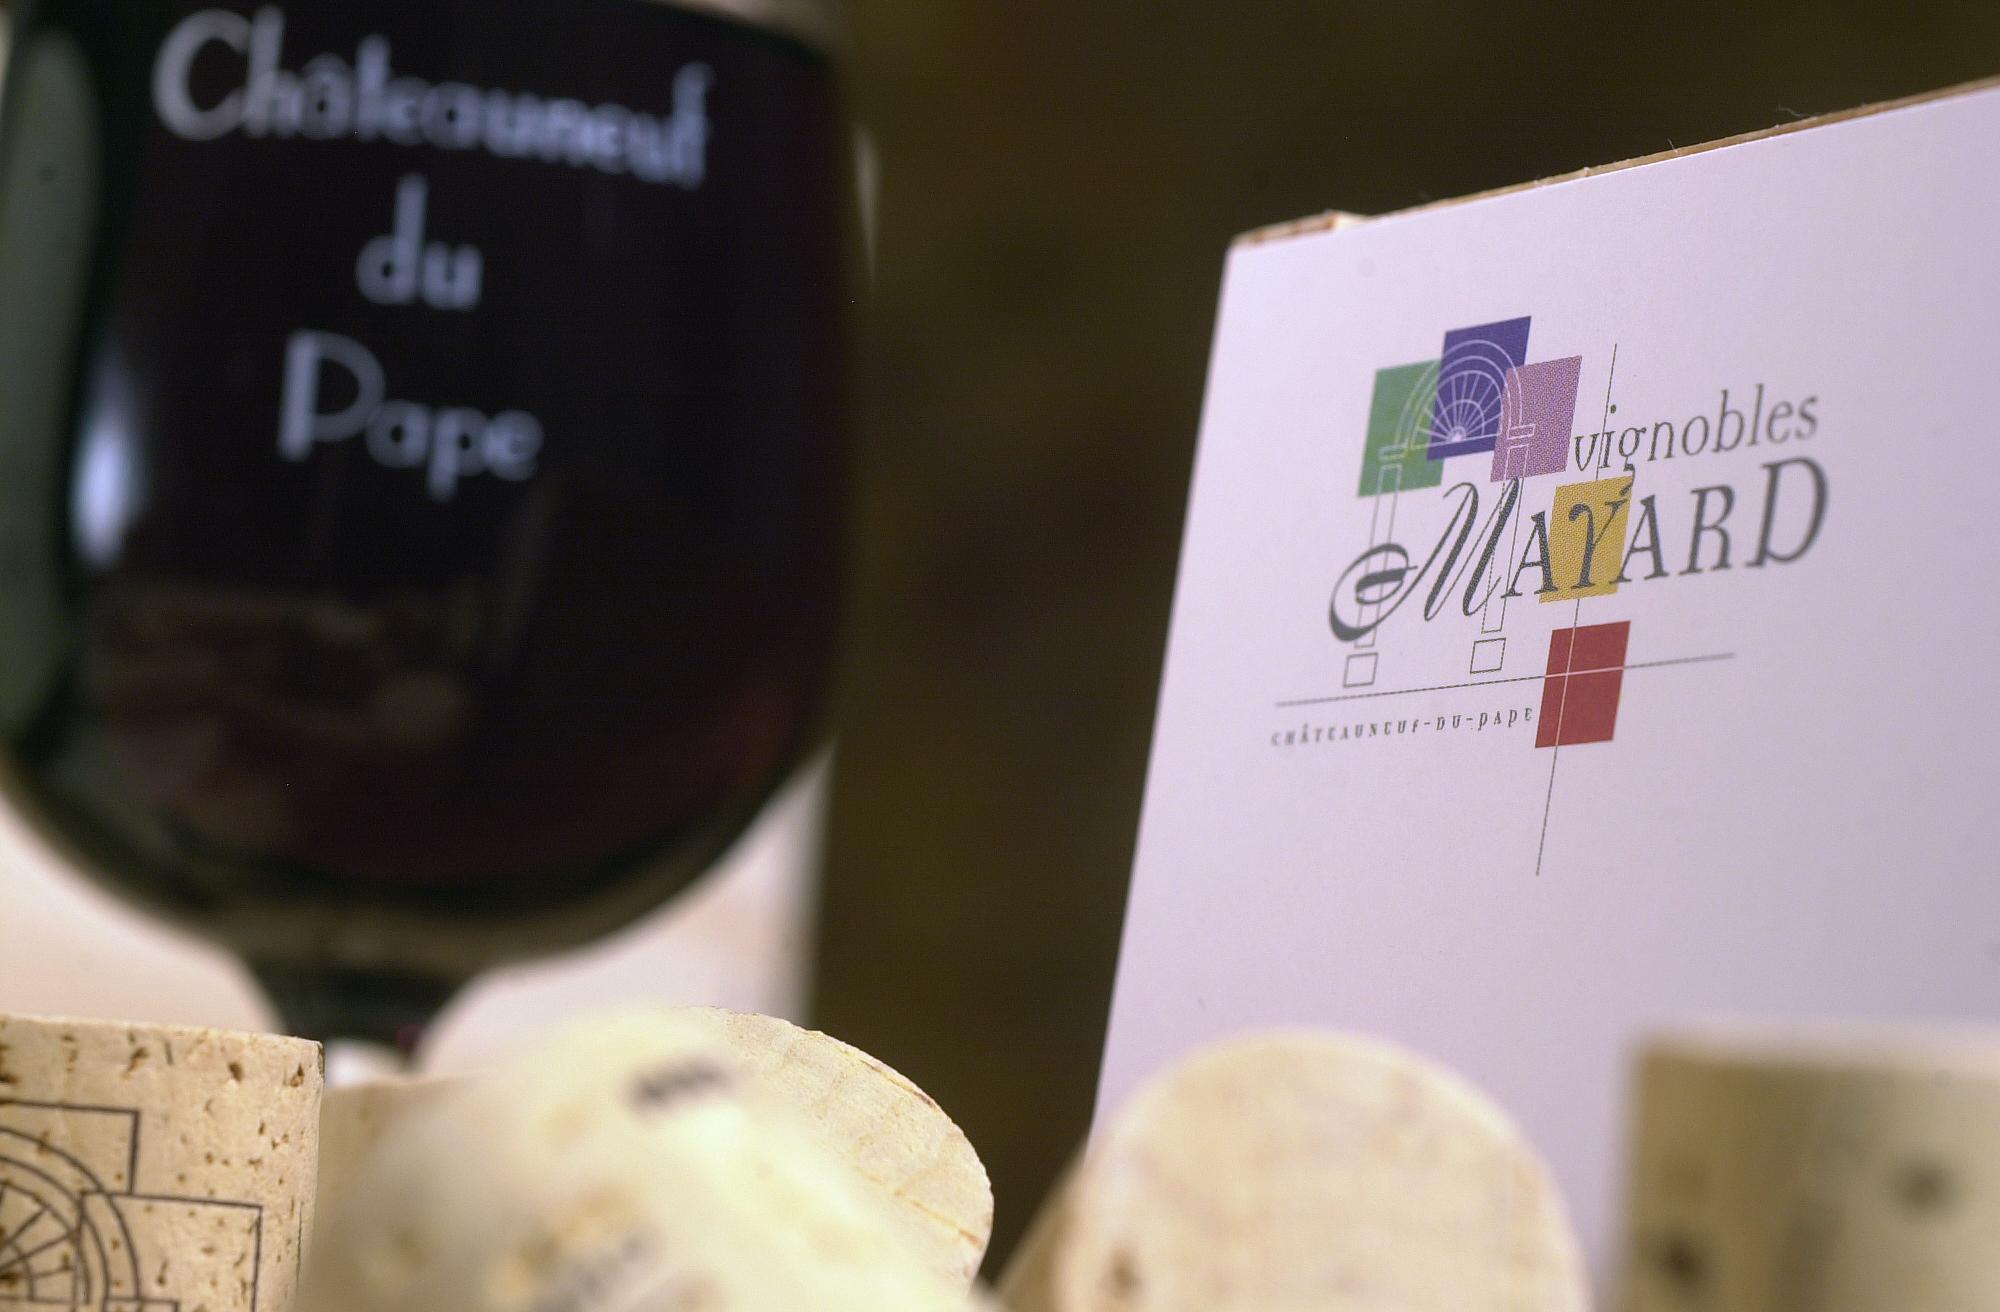 Verre de Chateauneuf du Pape